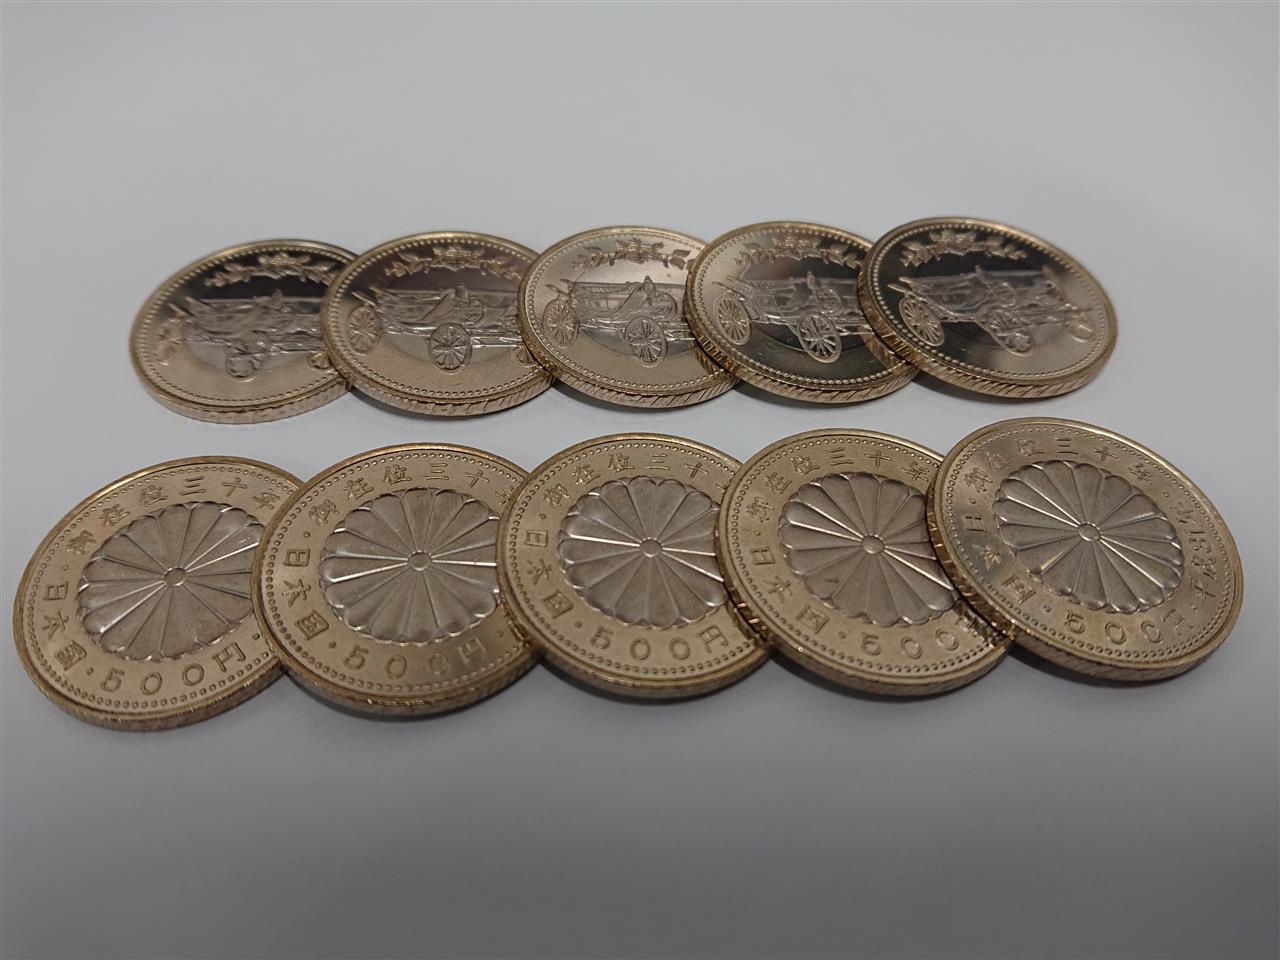 玉 年 円 価値 500 57 昭和